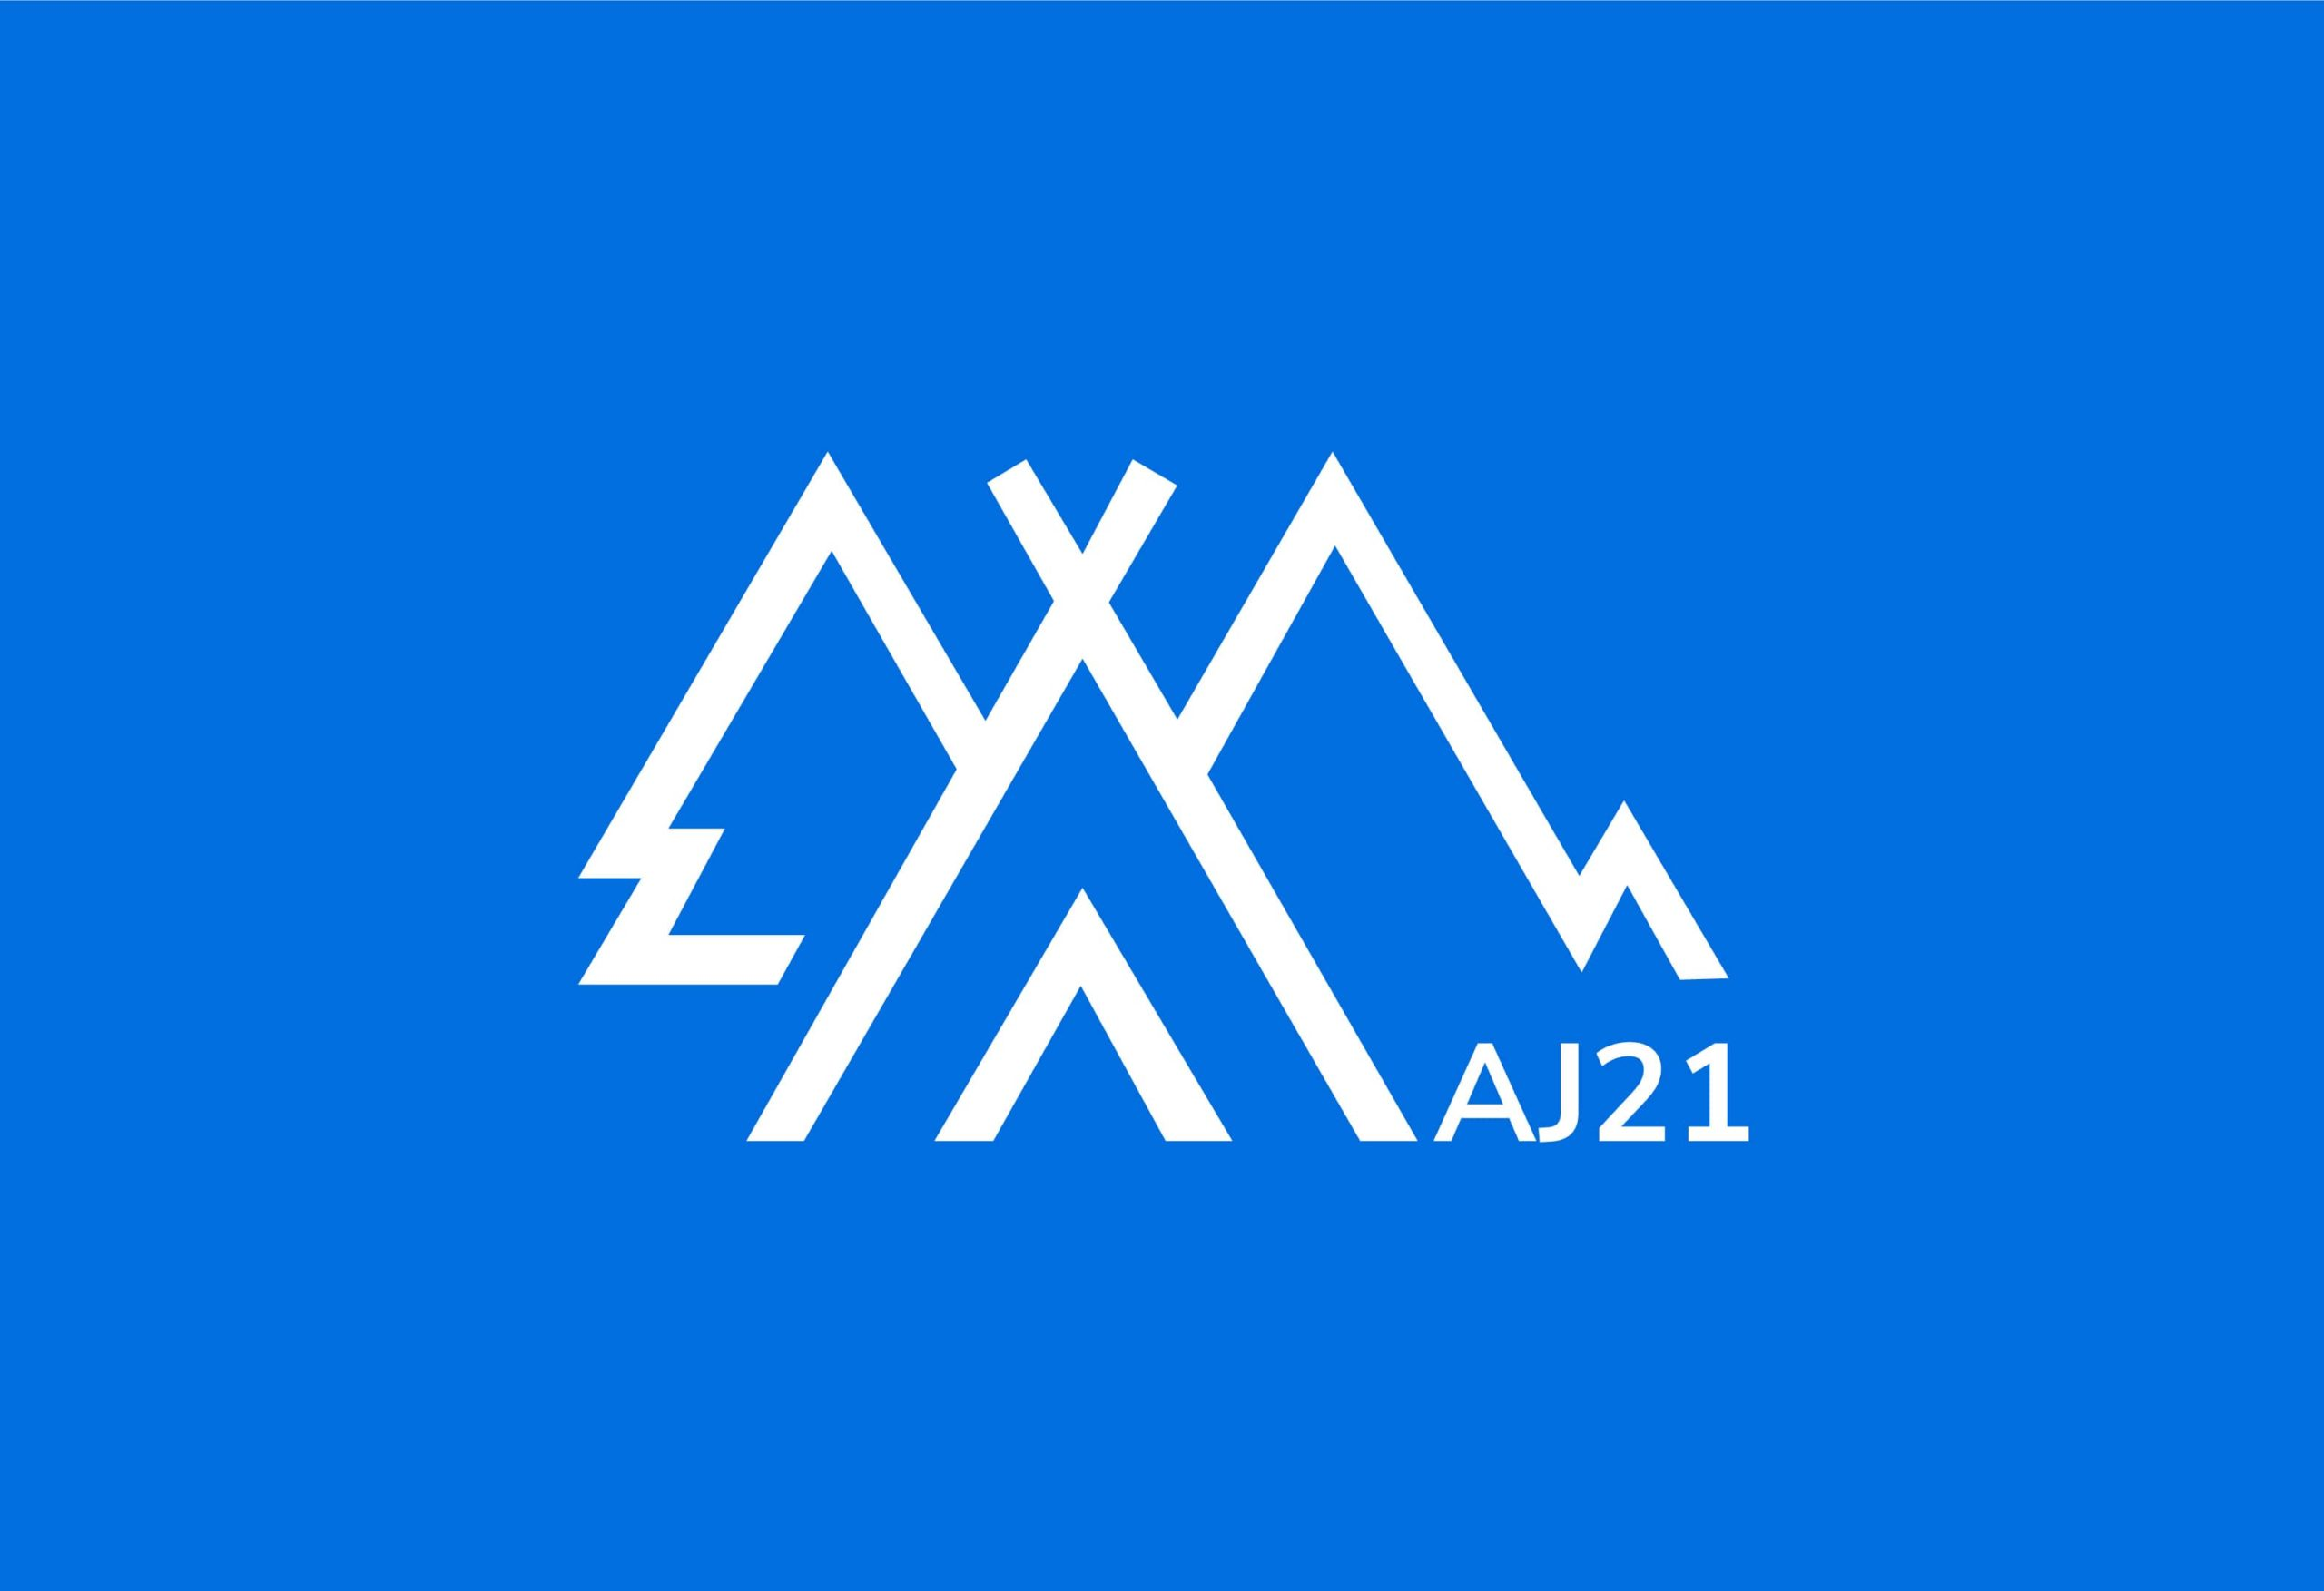 AJ21 POSTPONEMENT